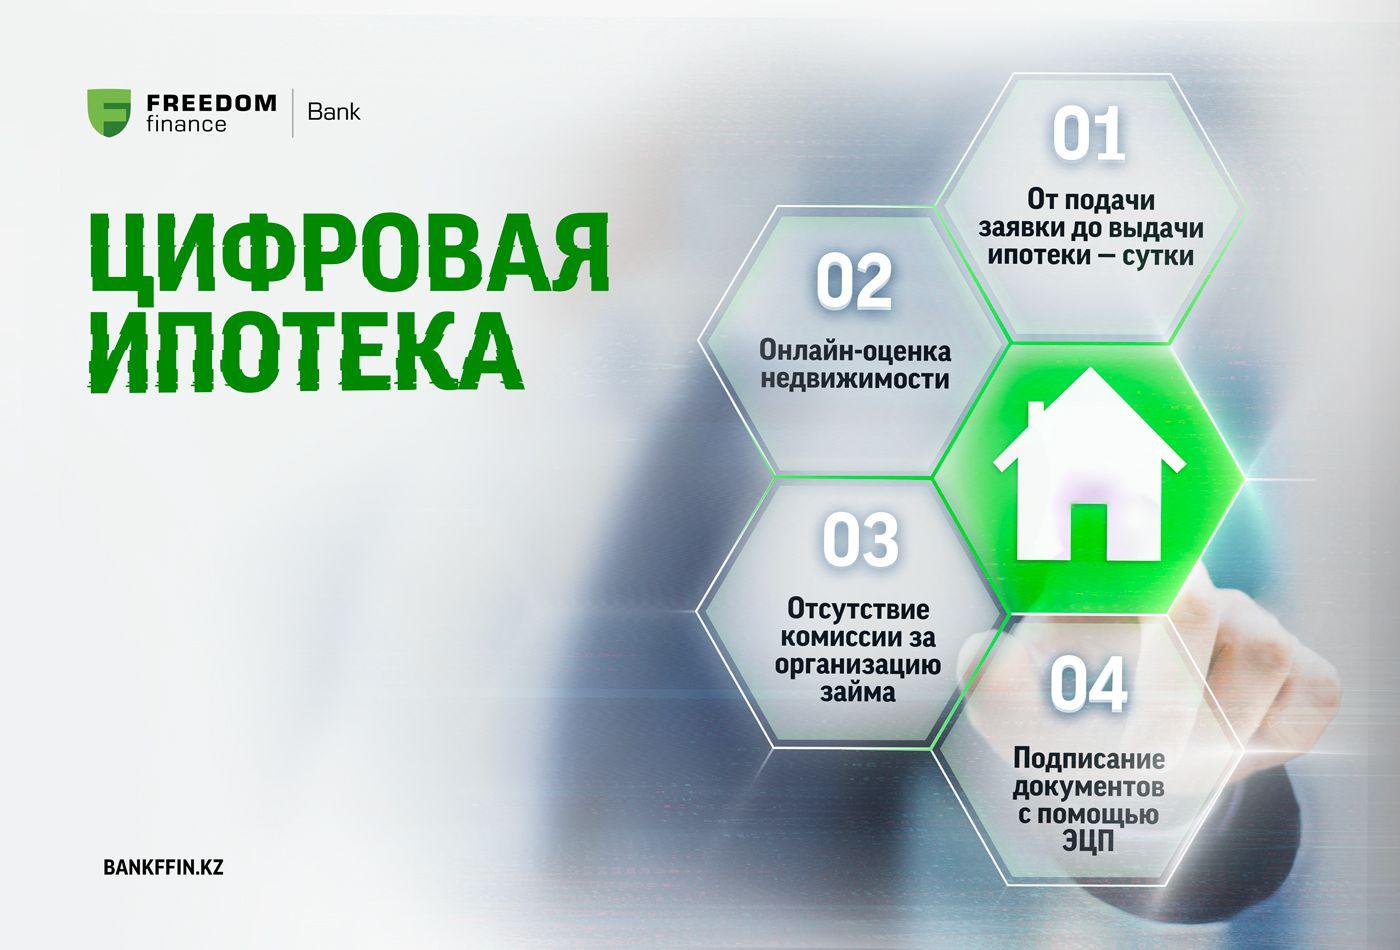 Как получить ипотеку меньше чем за сутки  942720 - Kapital.kz